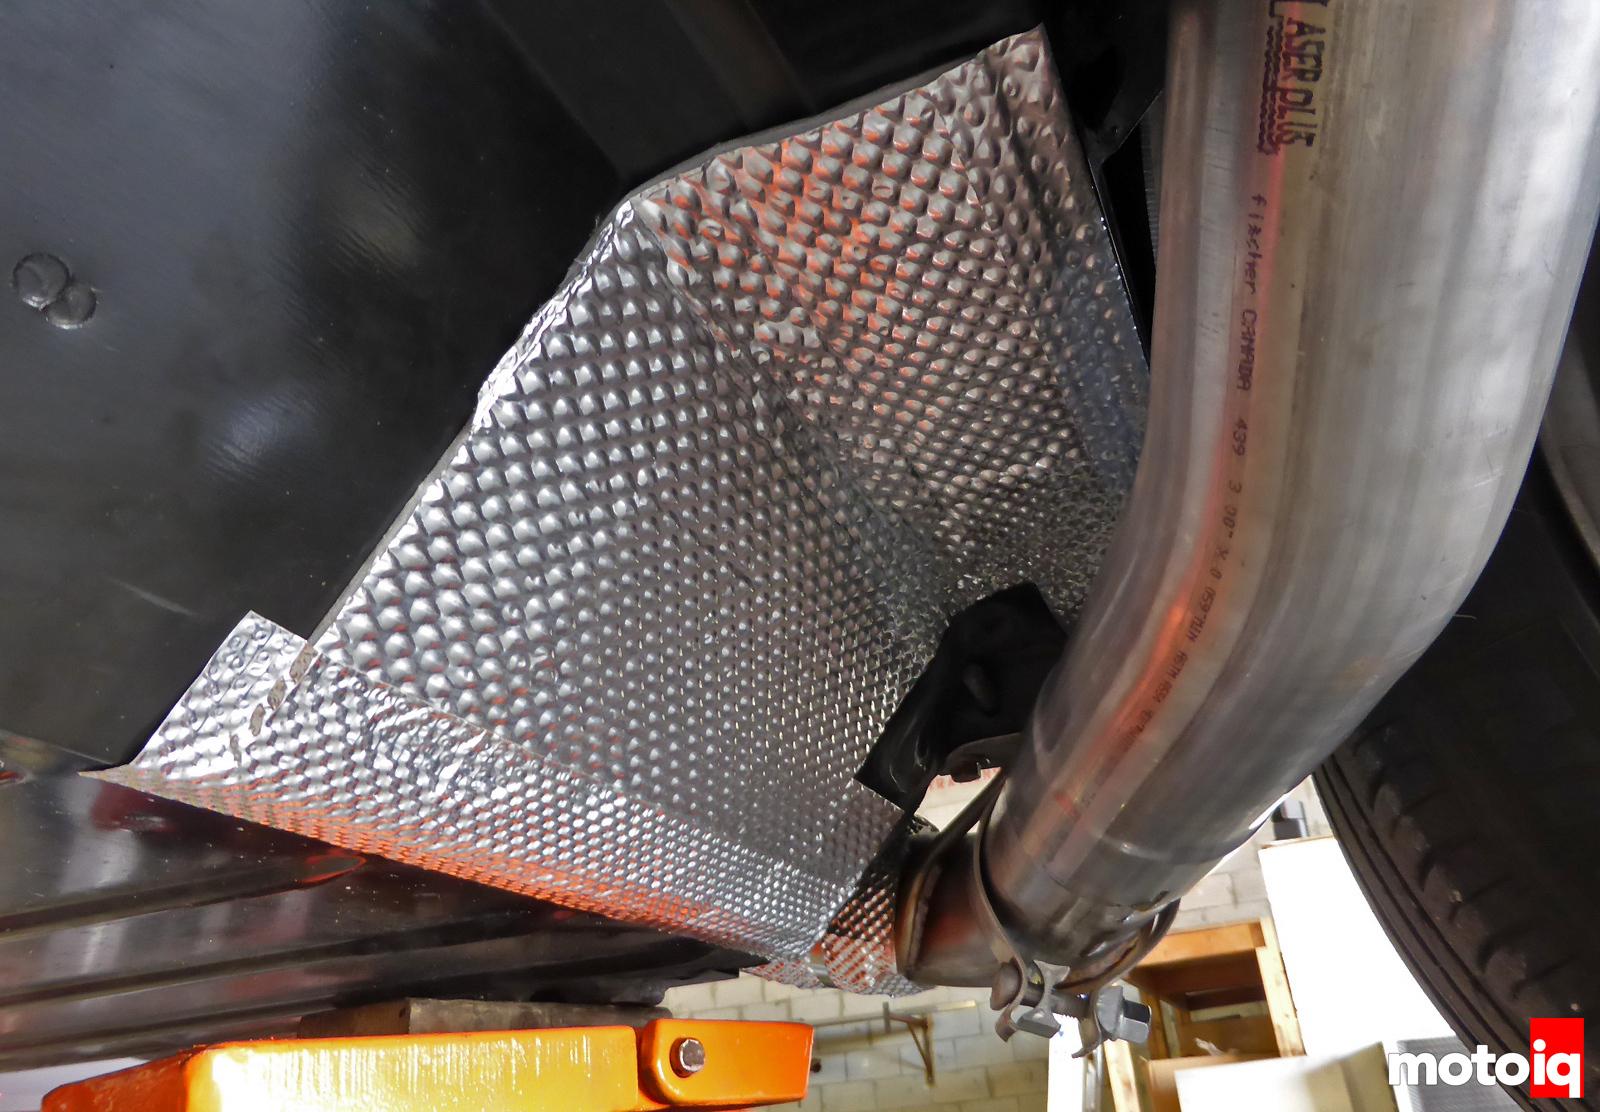 Viper Heatshield Products HP Stickyshield under seat